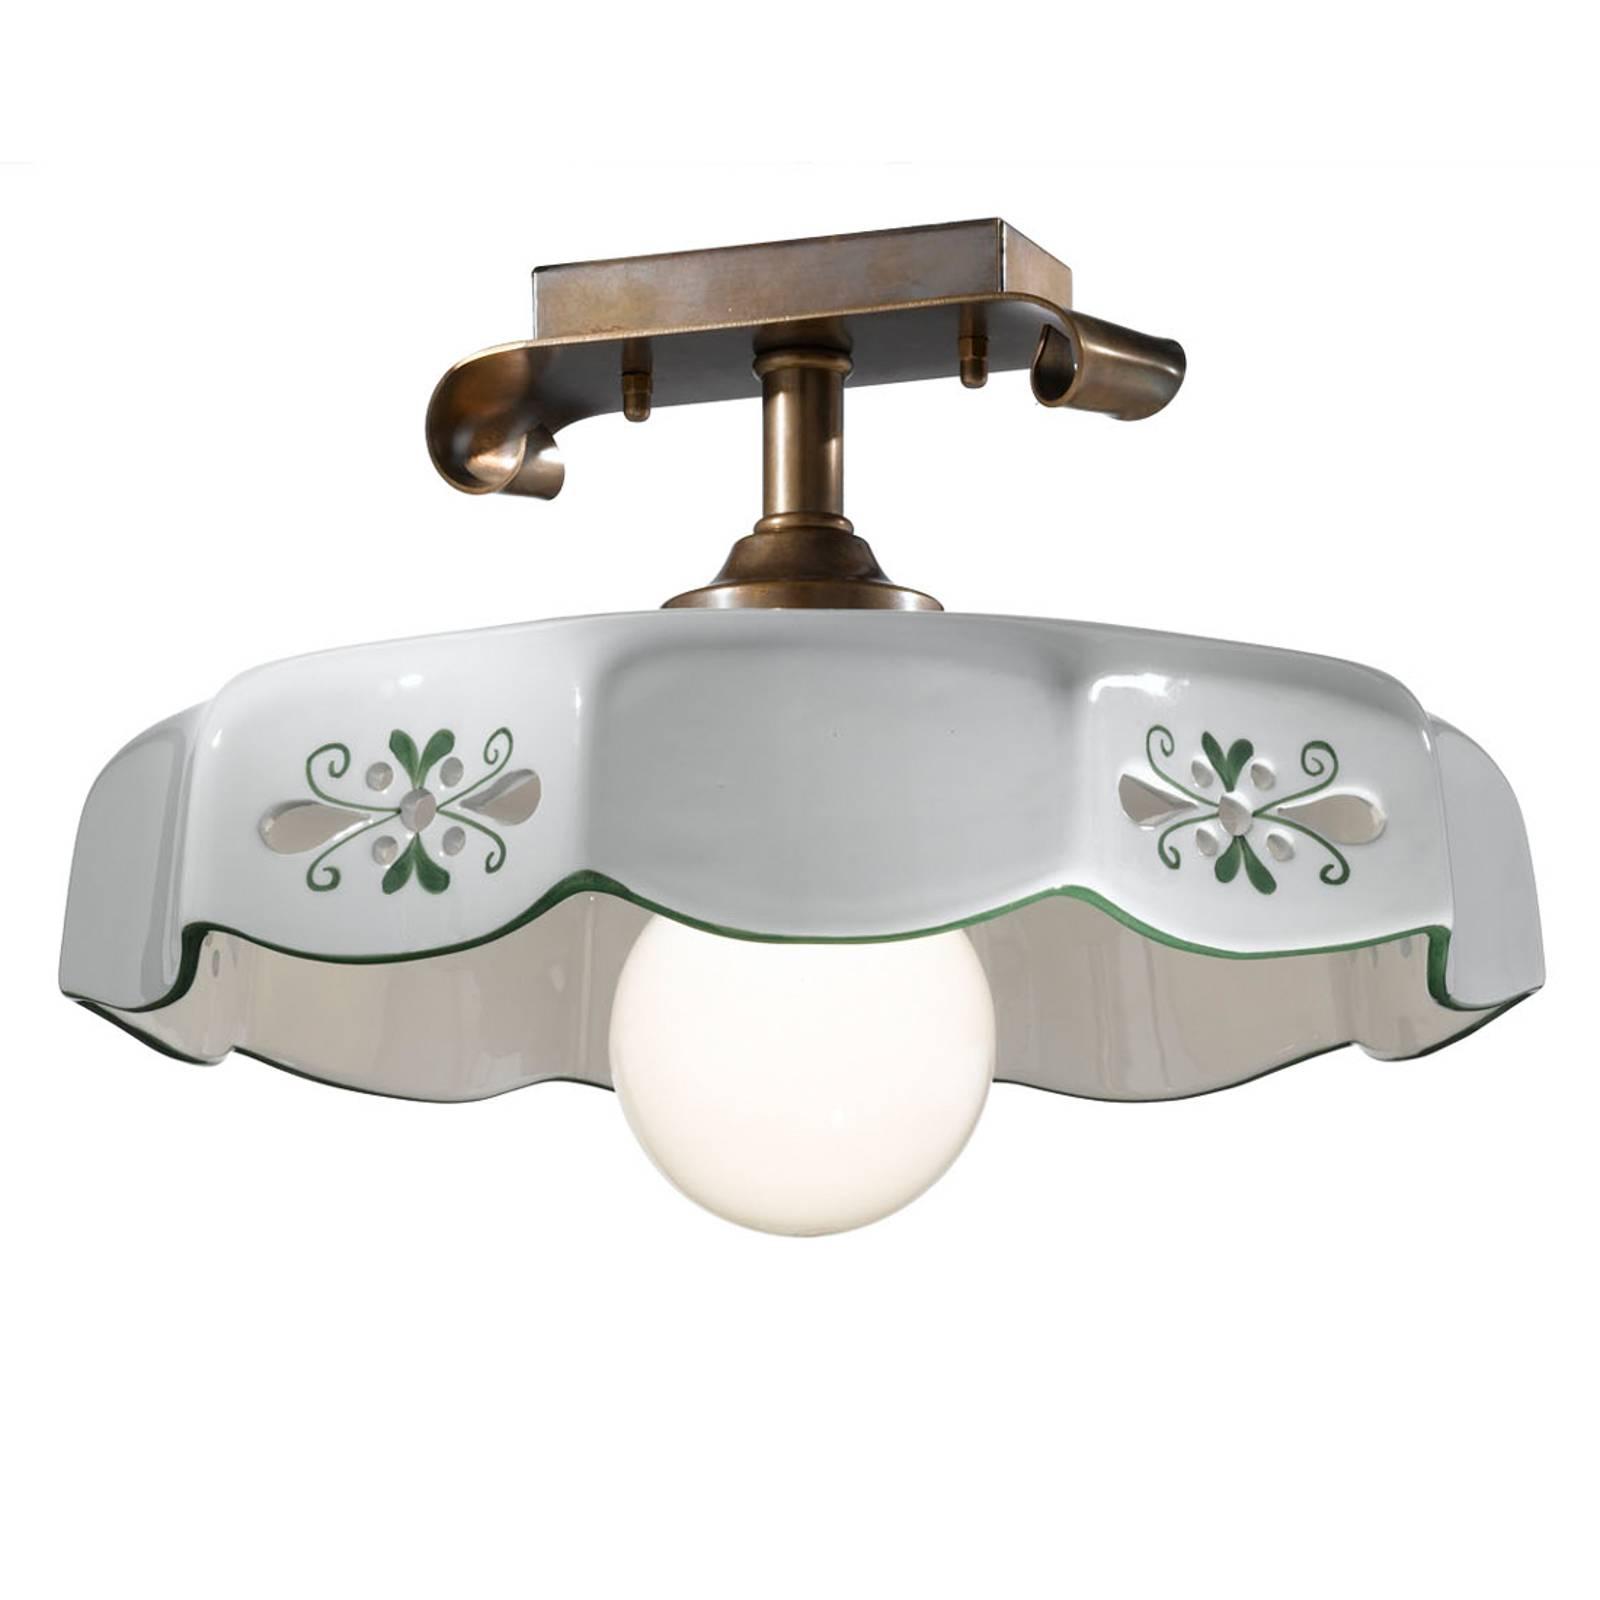 Lampen Landhausstil Keramik Leuchte Im Kaufen Gebraucht: Lampen Von Cremasco. Günstig Online Kaufen Bei Möbel & Garten